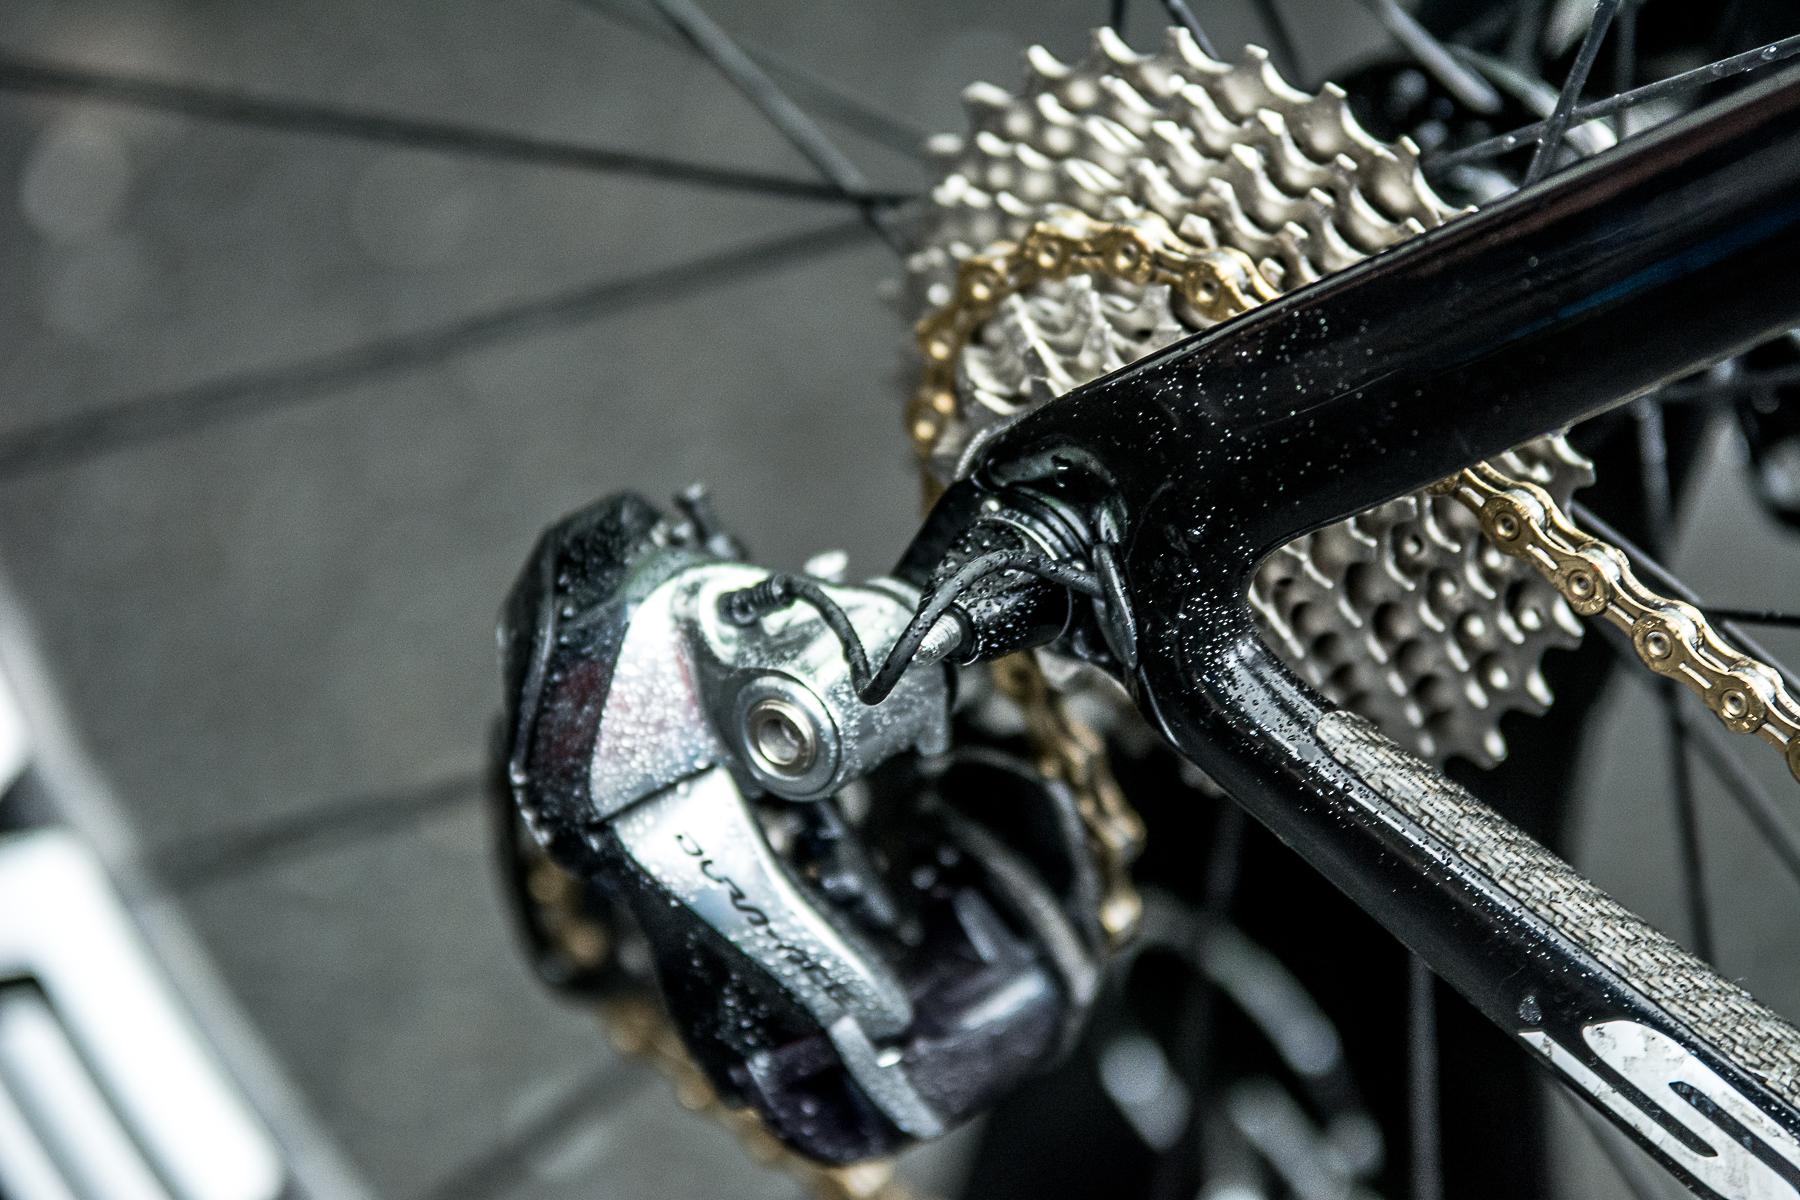 Cavs Bike